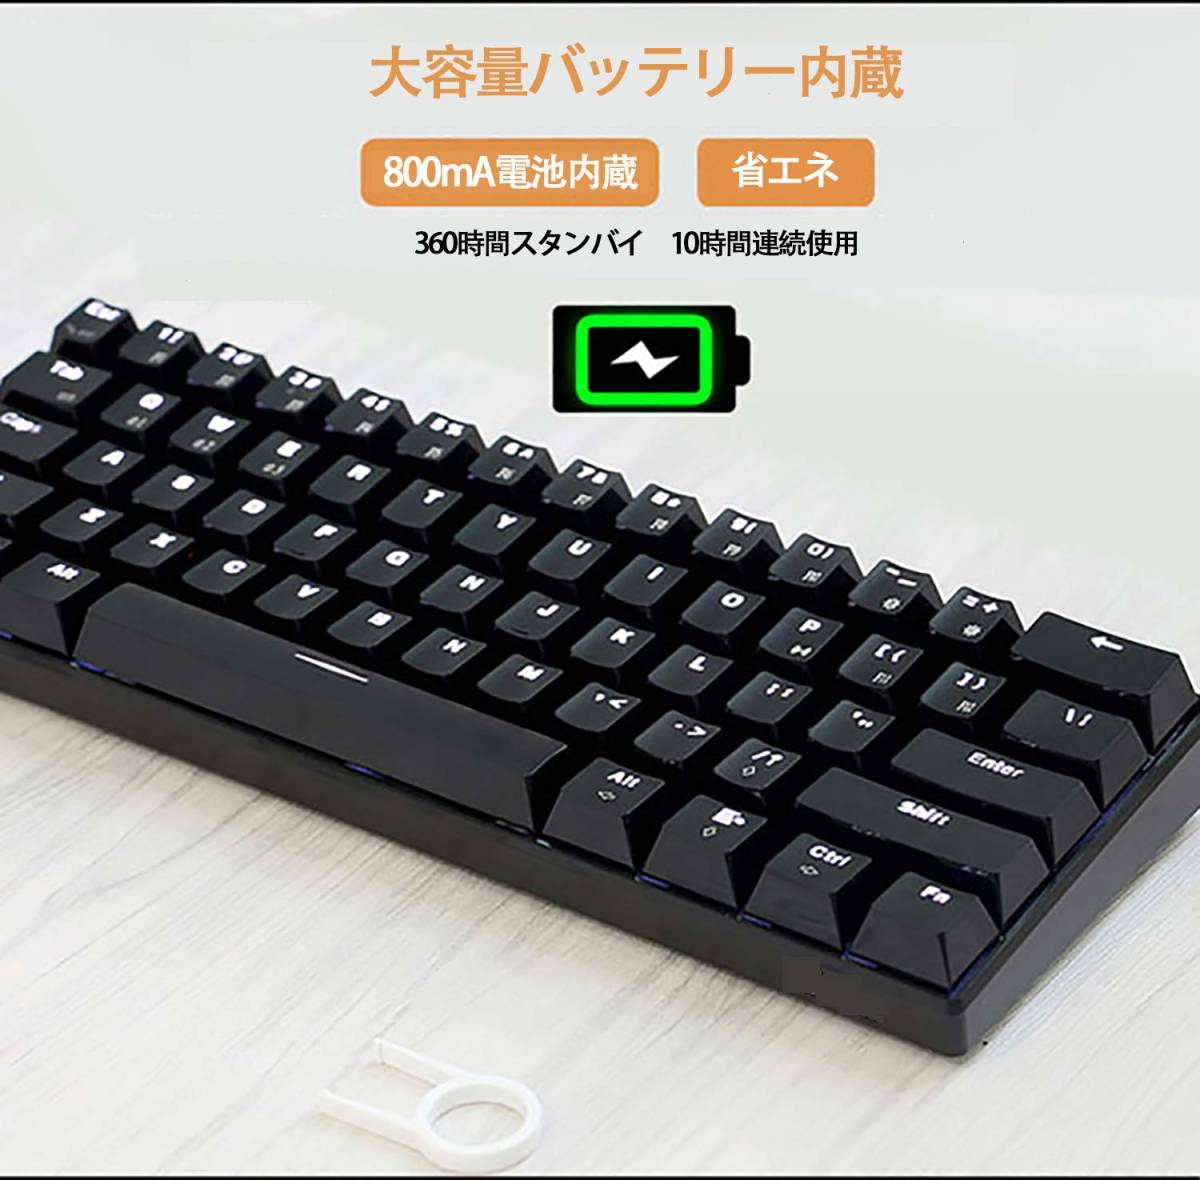 メカニカルキーボード 機械式 ゲーミングキーボード 61キー Bluetooth 無線 USB 有線 LEDバックライト 日本語取扱説明書 (61キー, 白色)_画像6